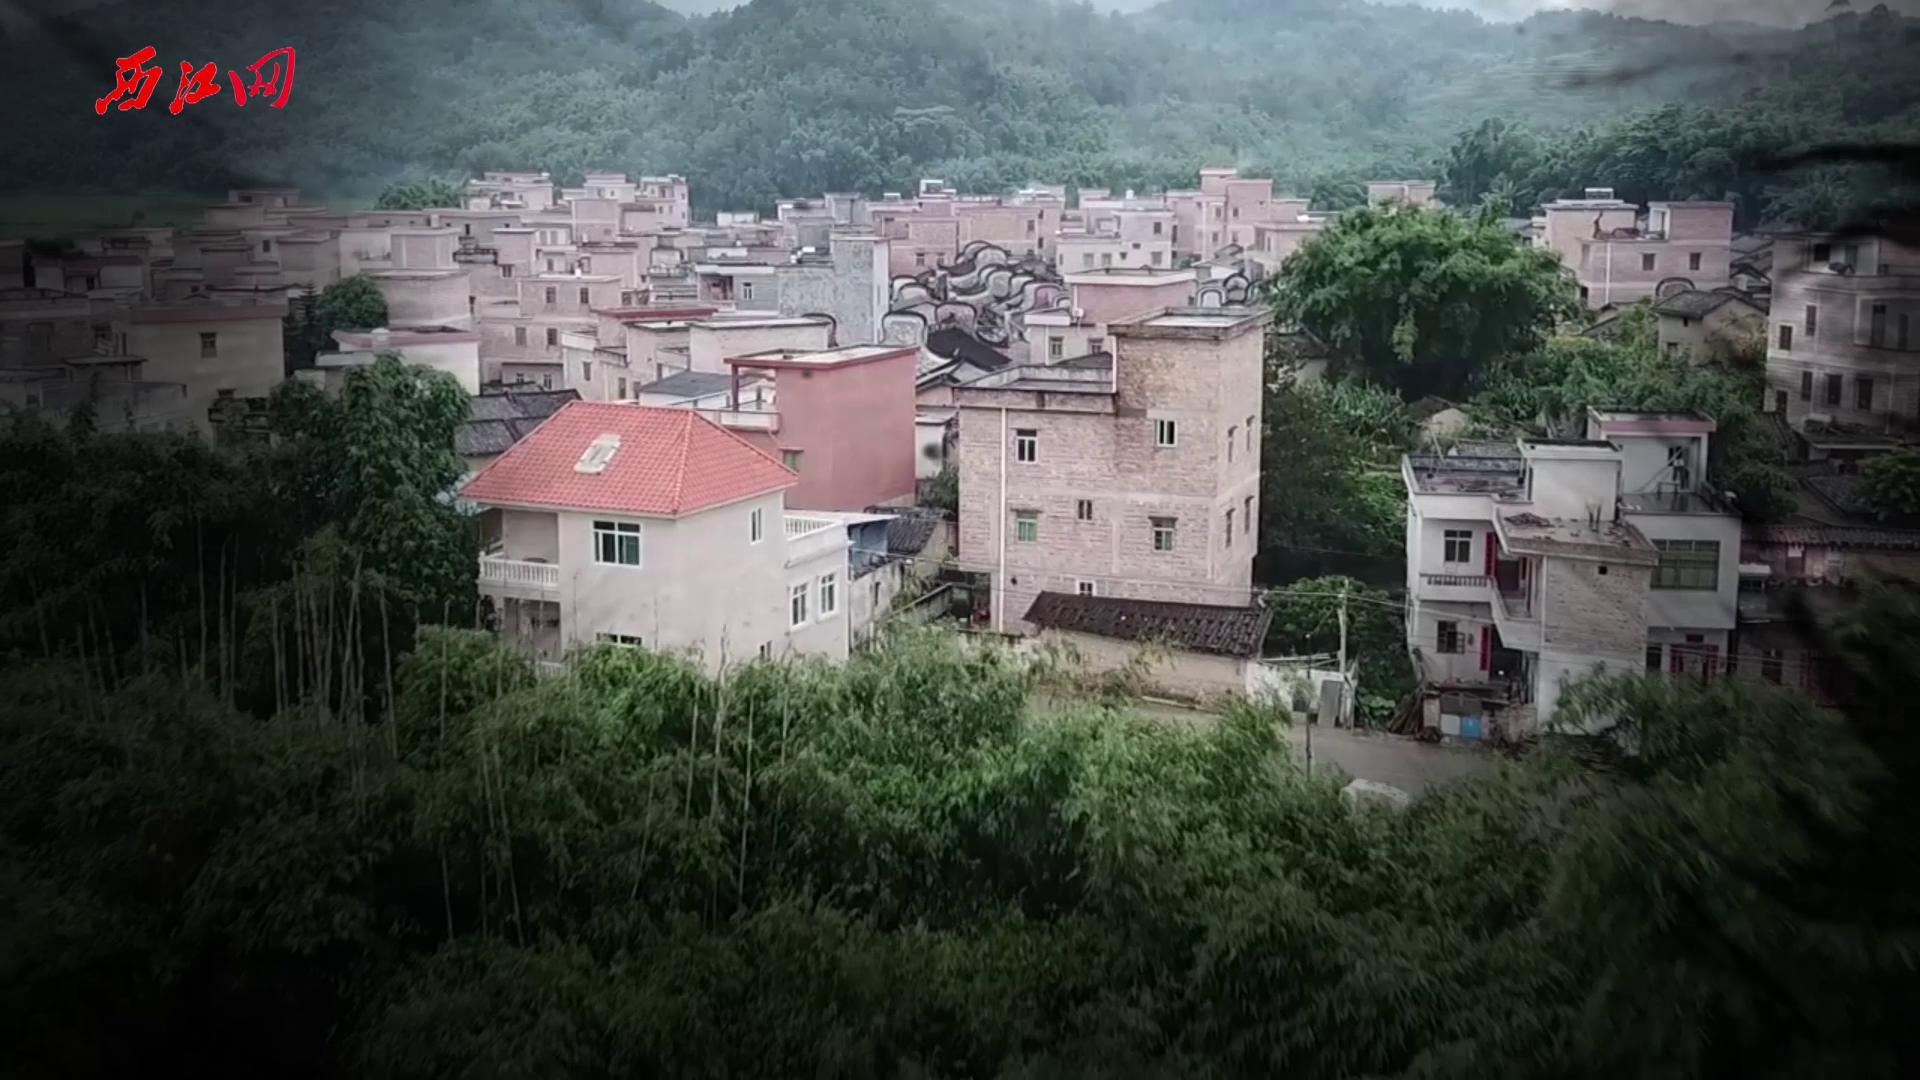 乐城镇思可村古建筑群航拍